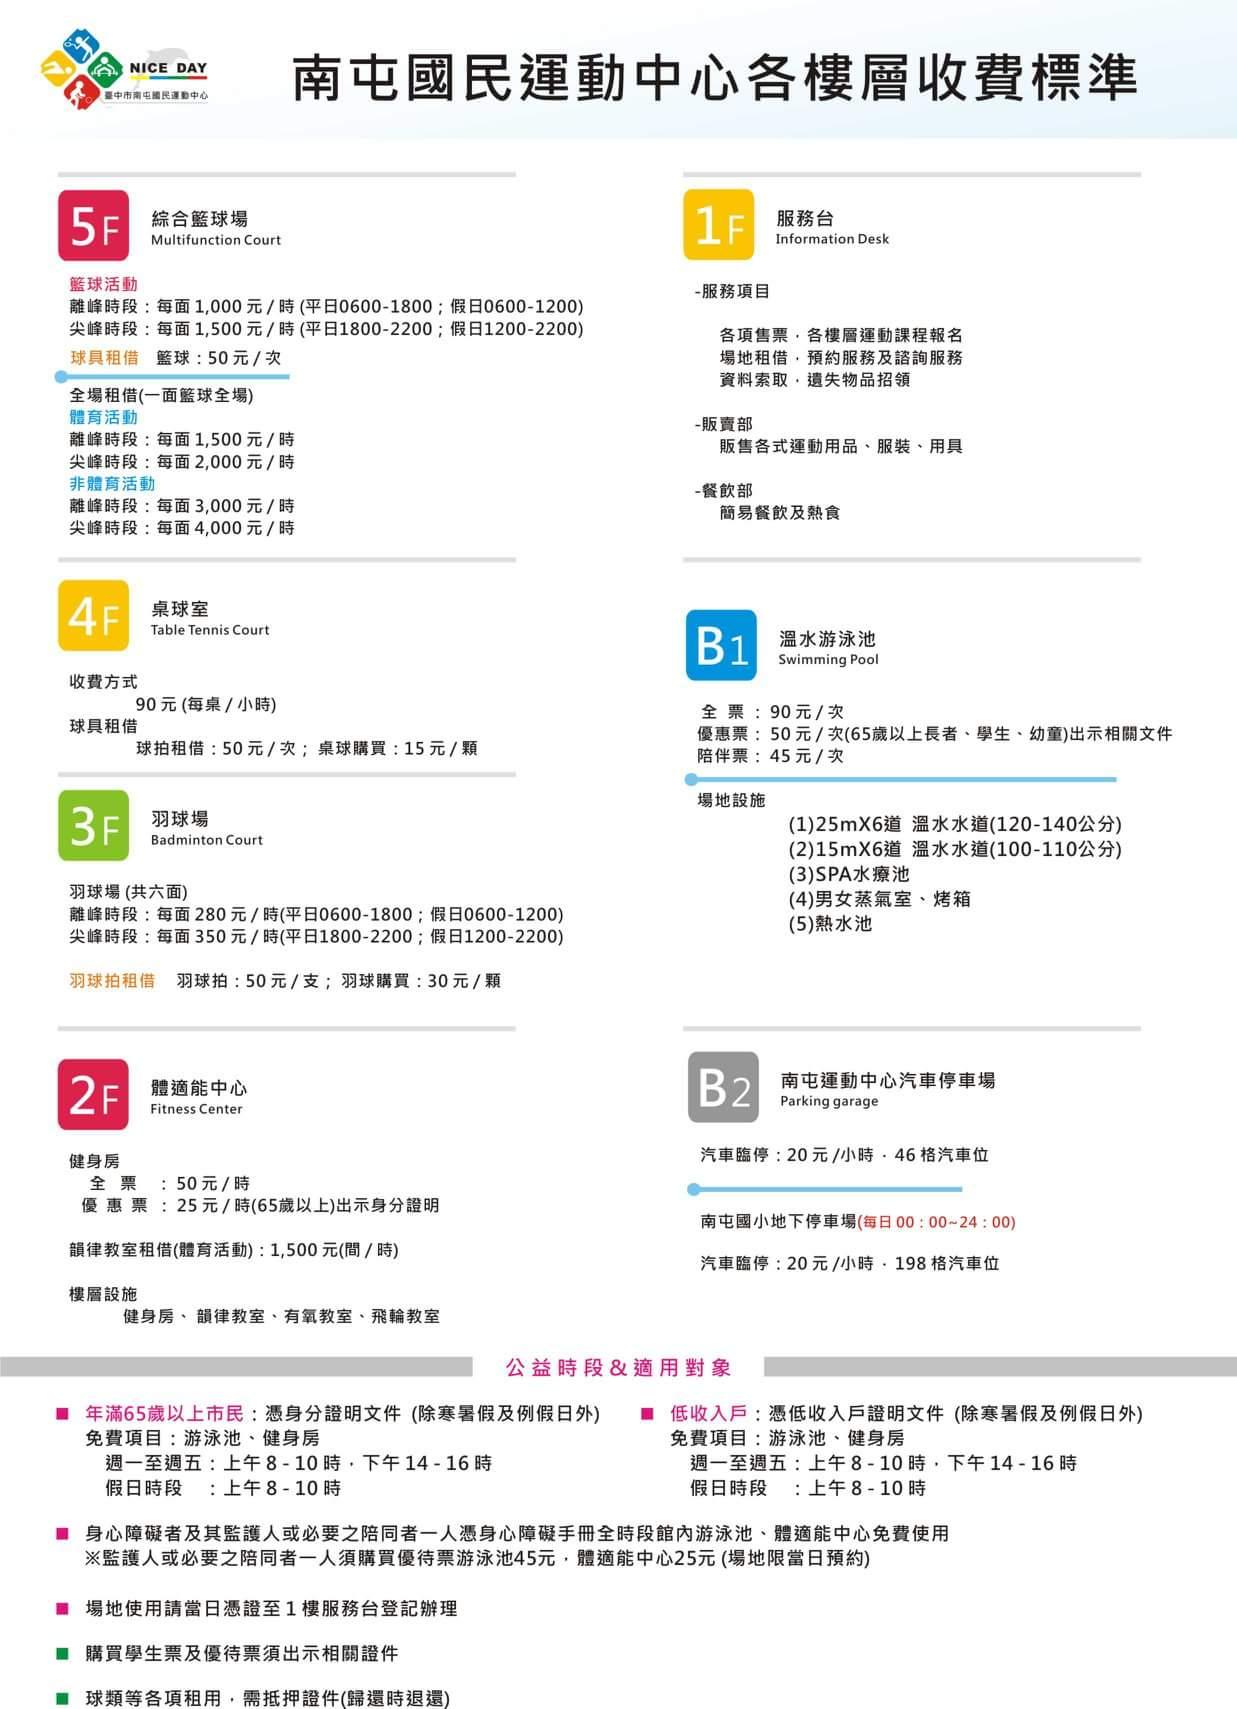 20180415154642 13 - 台中南屯國民運動中心五月中試營運!詳細收費、樓層分佈大公開